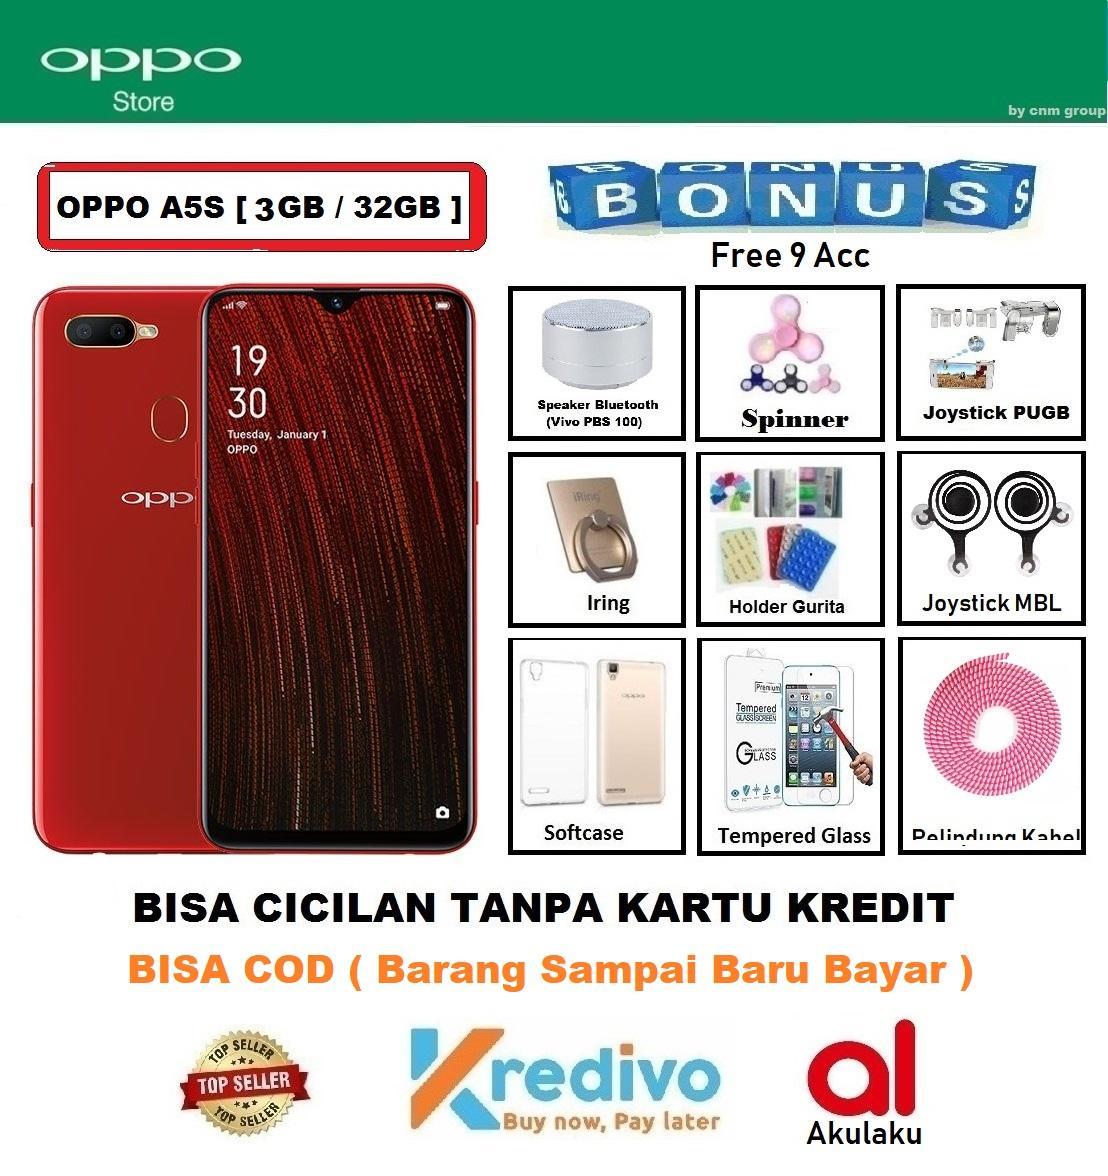 OPPO A5S Ram 3GB/32GB - Bisa Cicilan Tanpa Kartu Kredit + 9 Acc ( Original, Garansi Resmi 1 Tahun, Bisa COD )